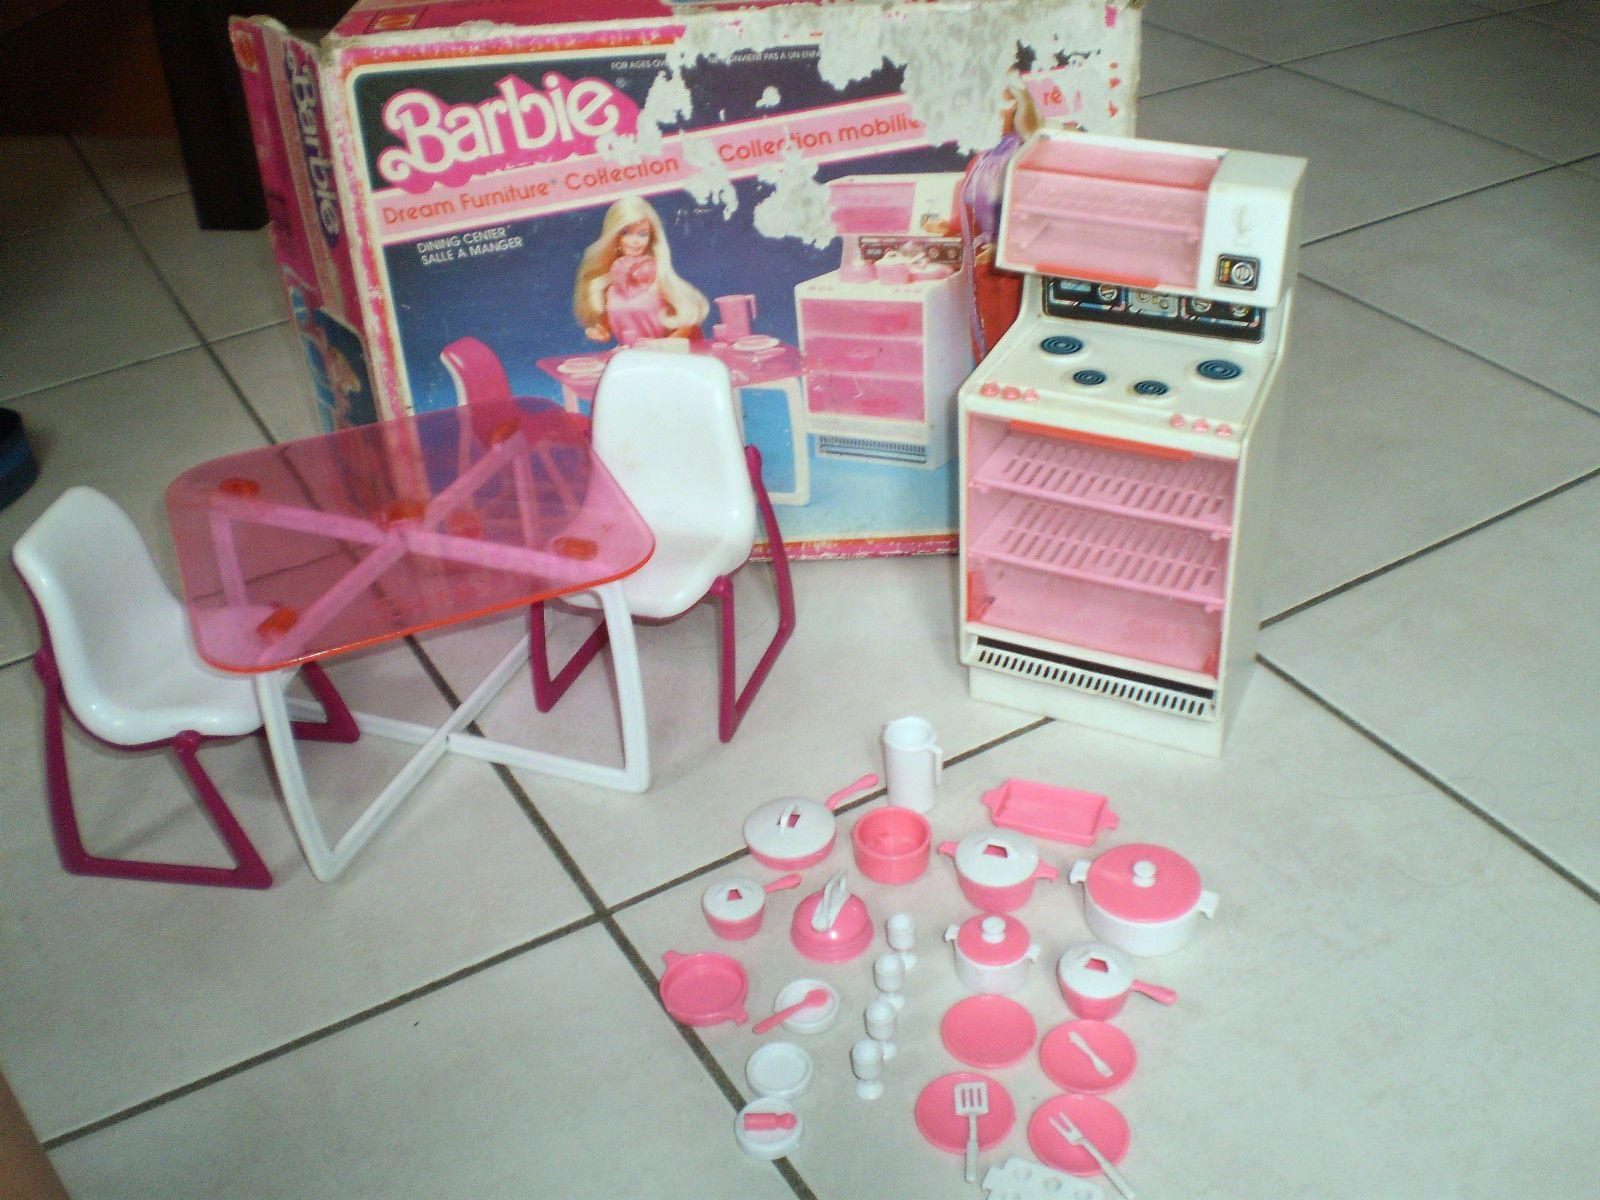 Mobili Barbie ~ Barbie collezione mobili tinello tavolo sedie stufa con